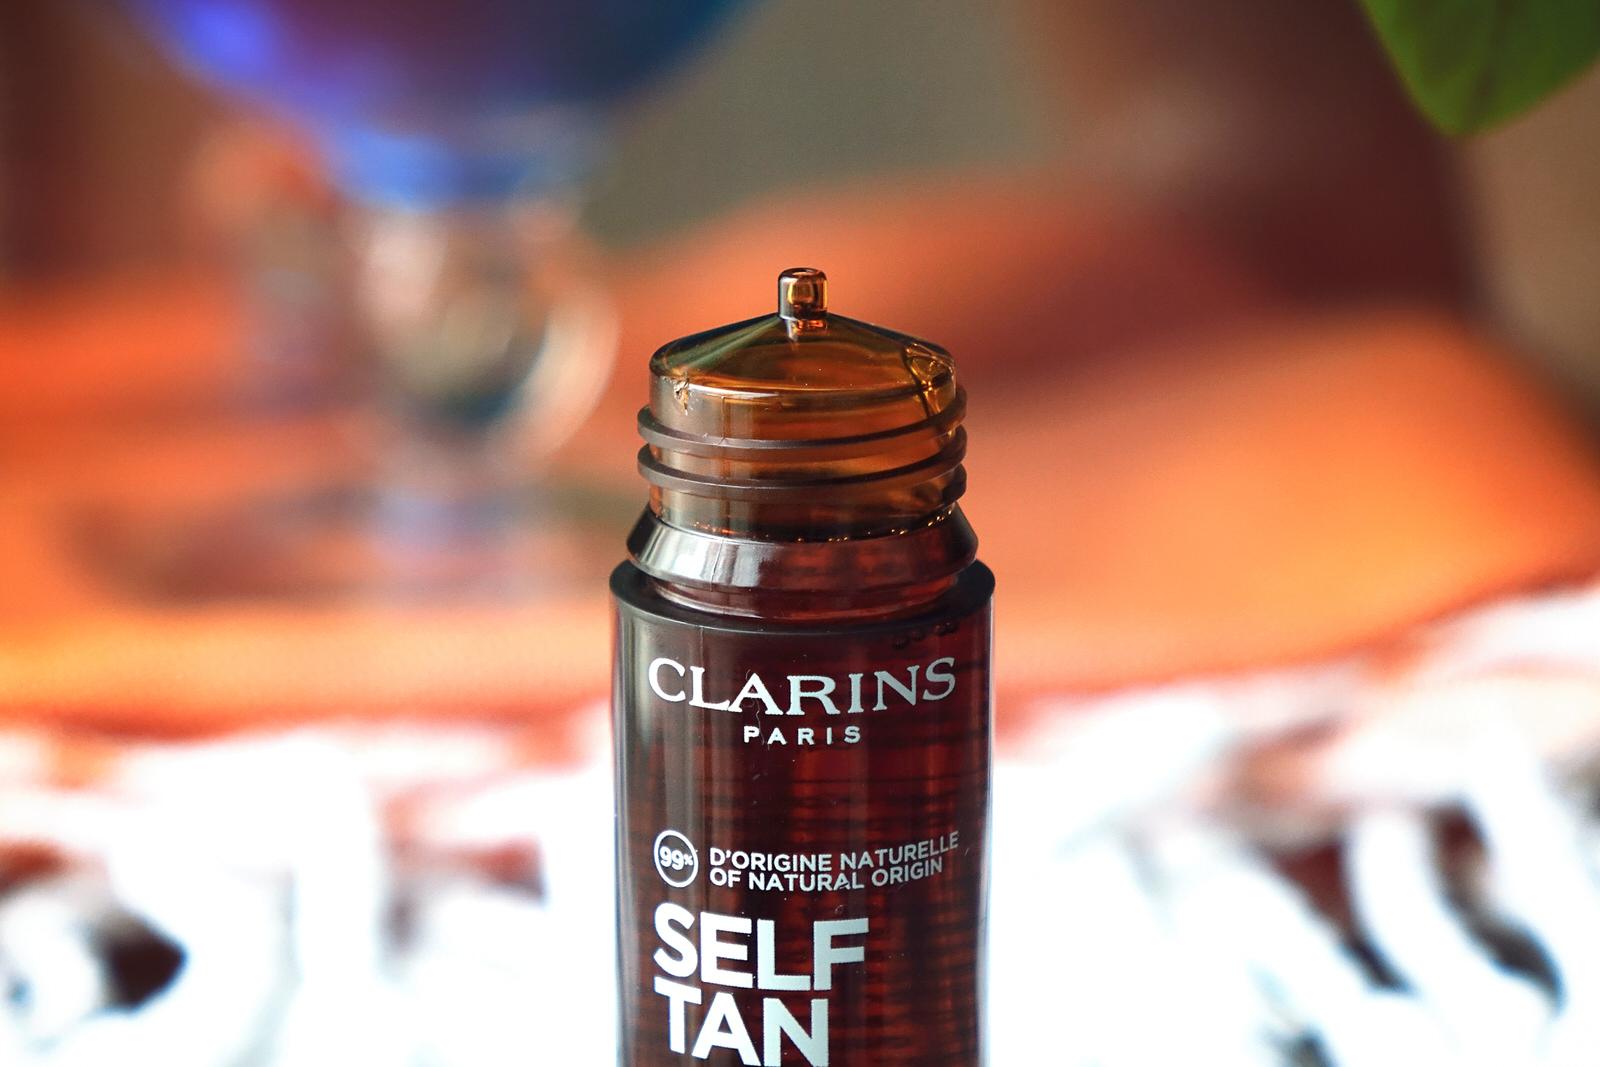 Les autobronzants de Clarins